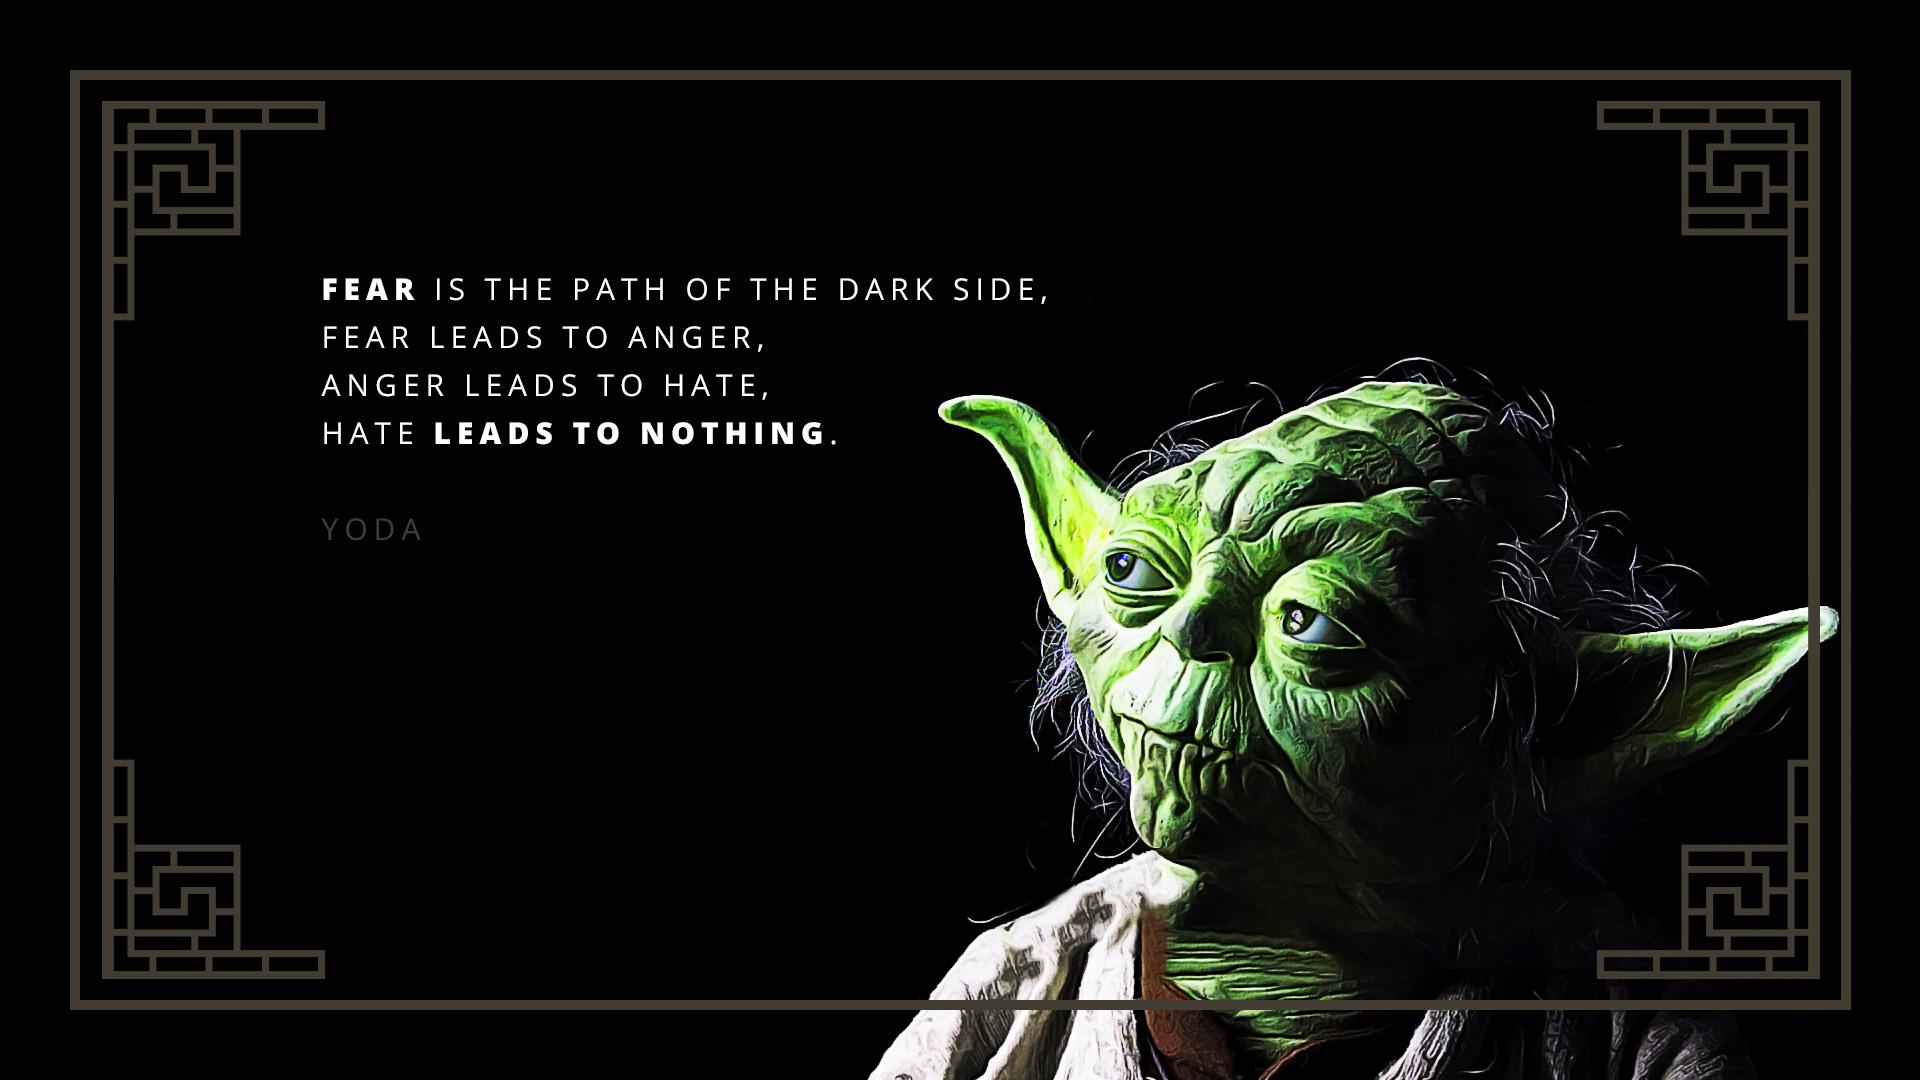 Yoda_Banner_Fear